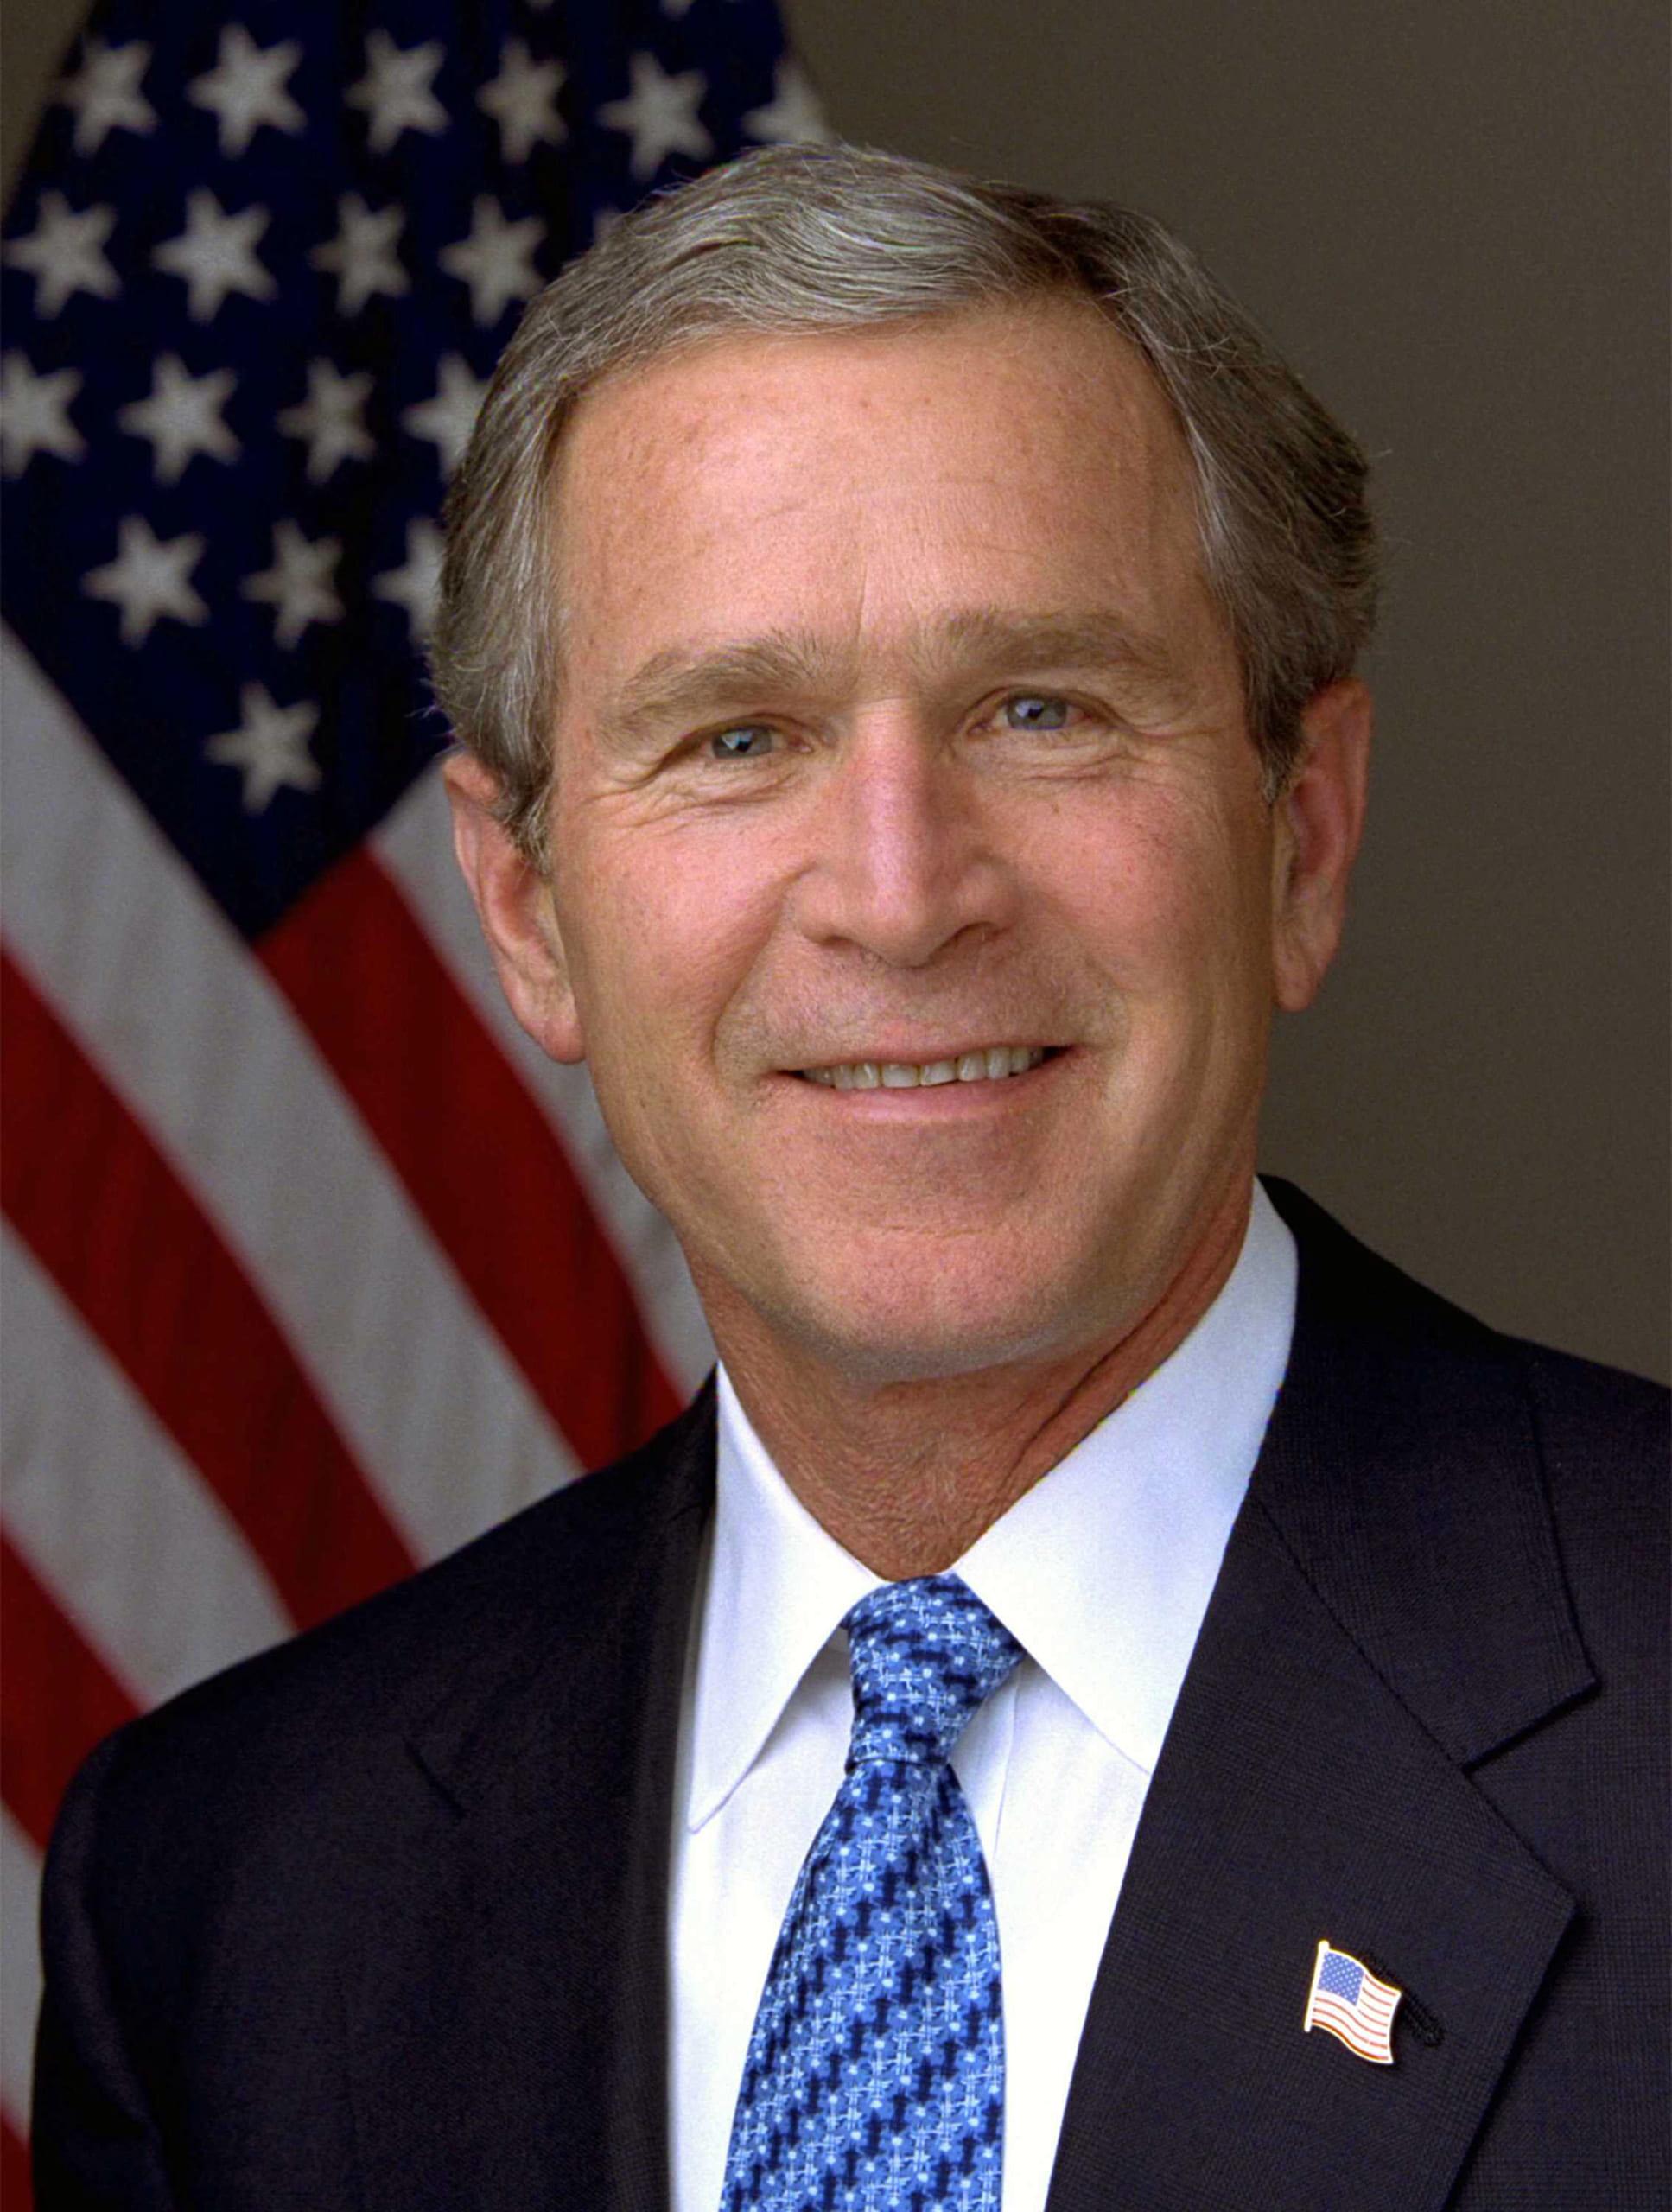 おバカの代名詞、ブッシュ大統領。だが歴史を振り返ってみると評価はわかれる!?<br />◆日本人はアメリカ大統領を勘違いしている⑦